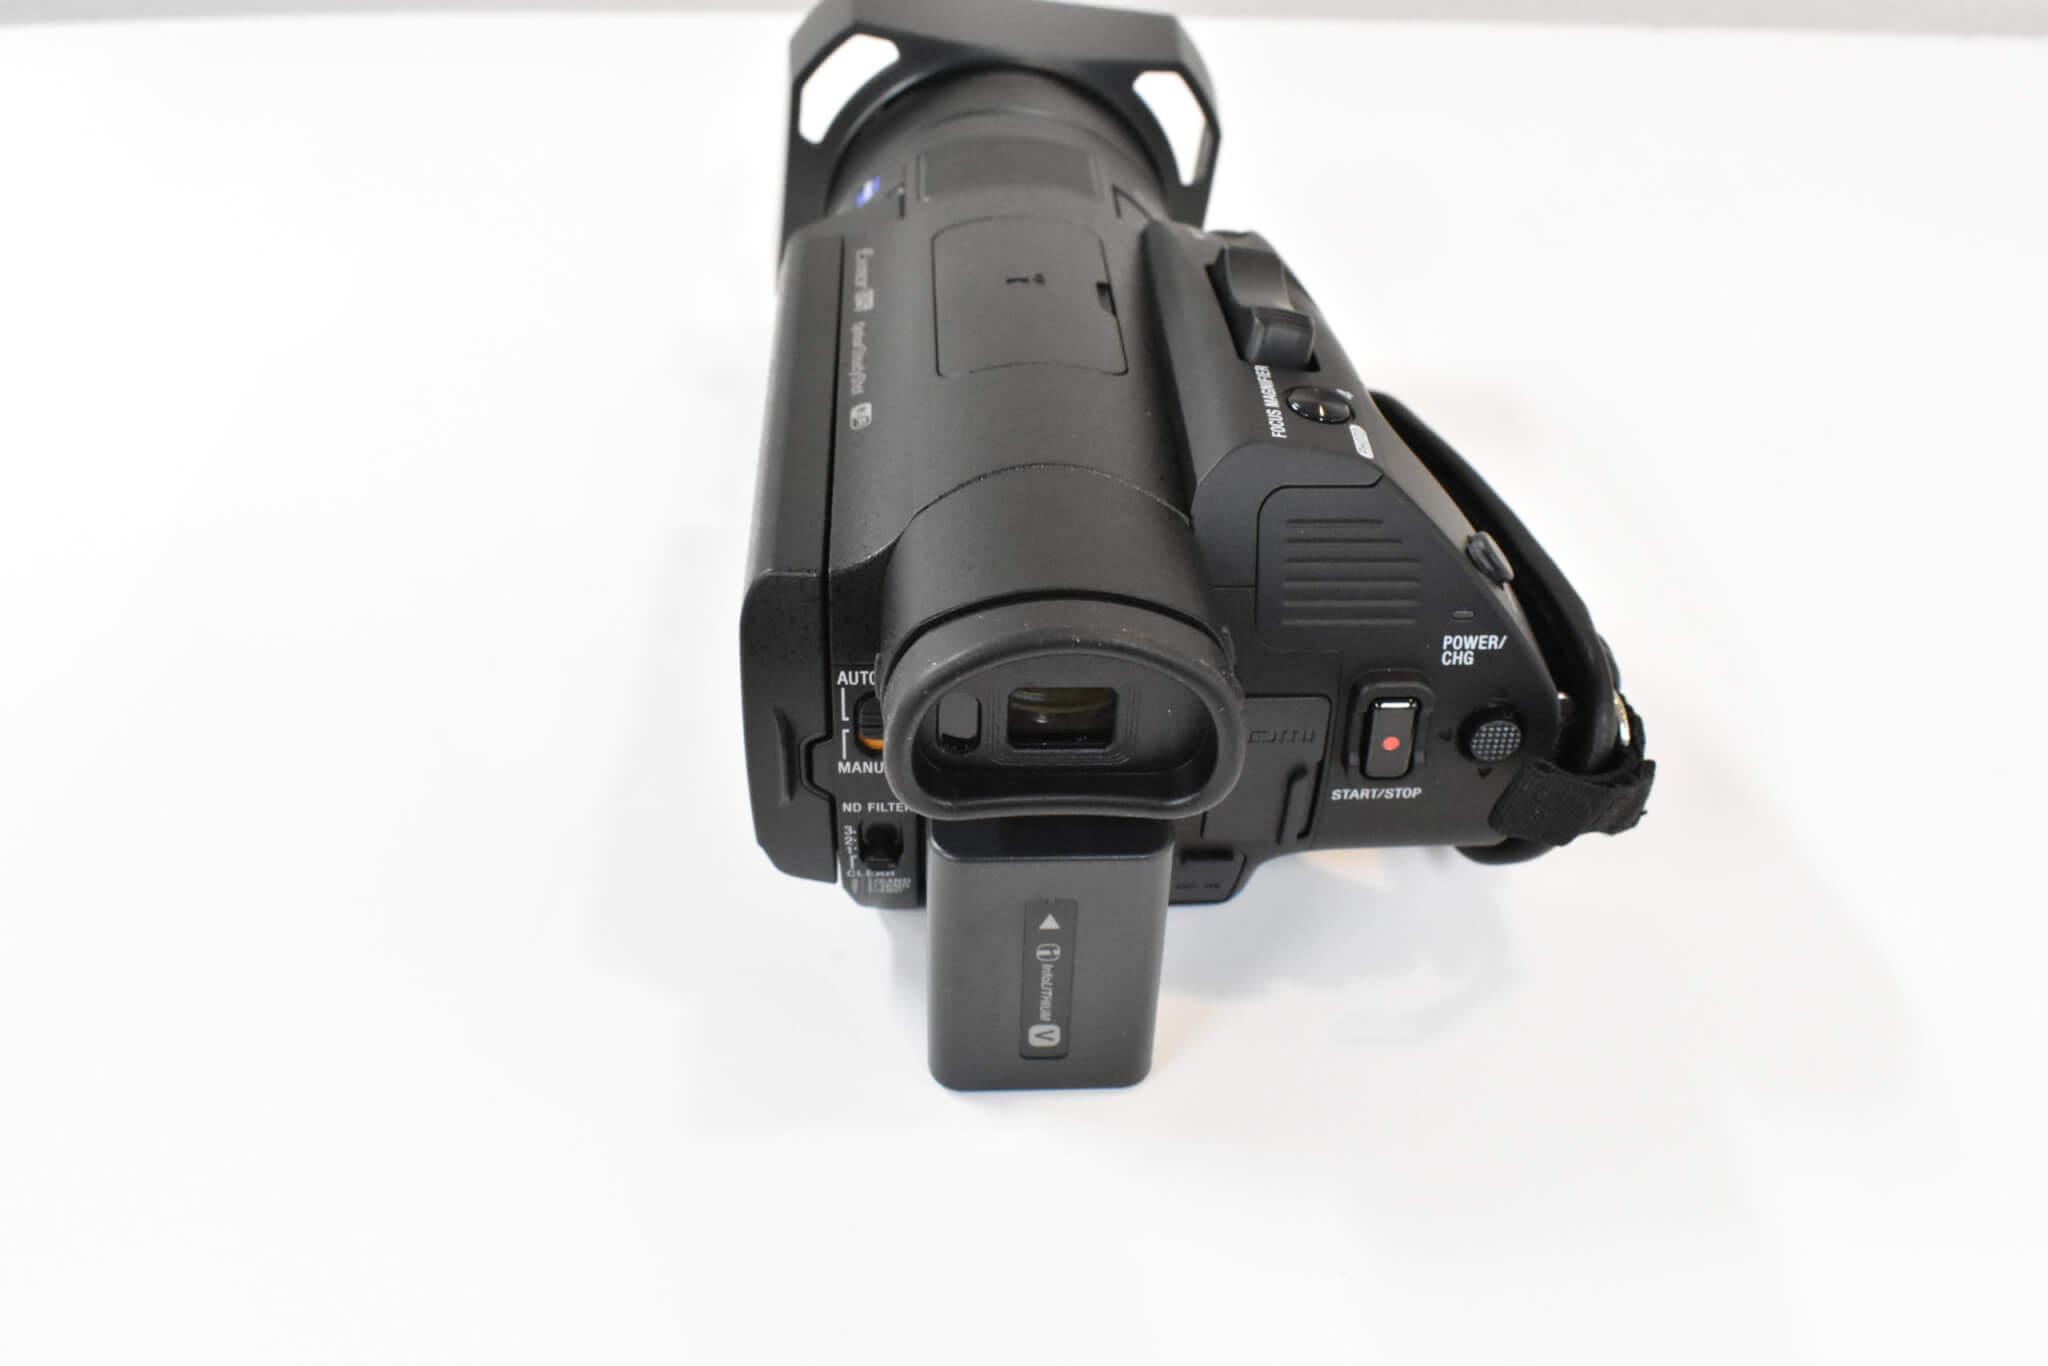 SONYハンディカム 最新全7機種を写真付きで紹介 FDR-AX700